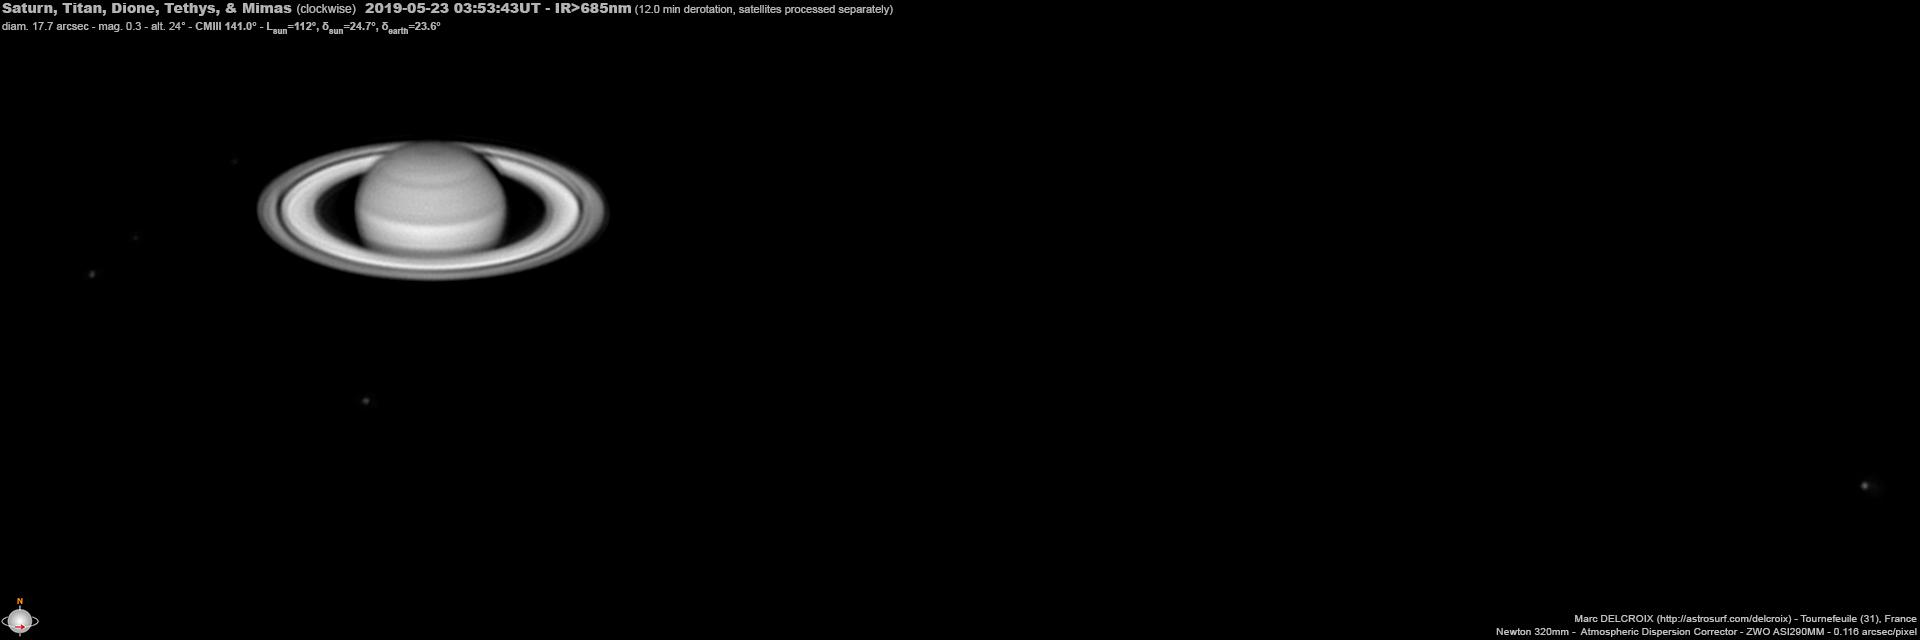 s2019-05-23_03-53-43_ir685_md.jpg